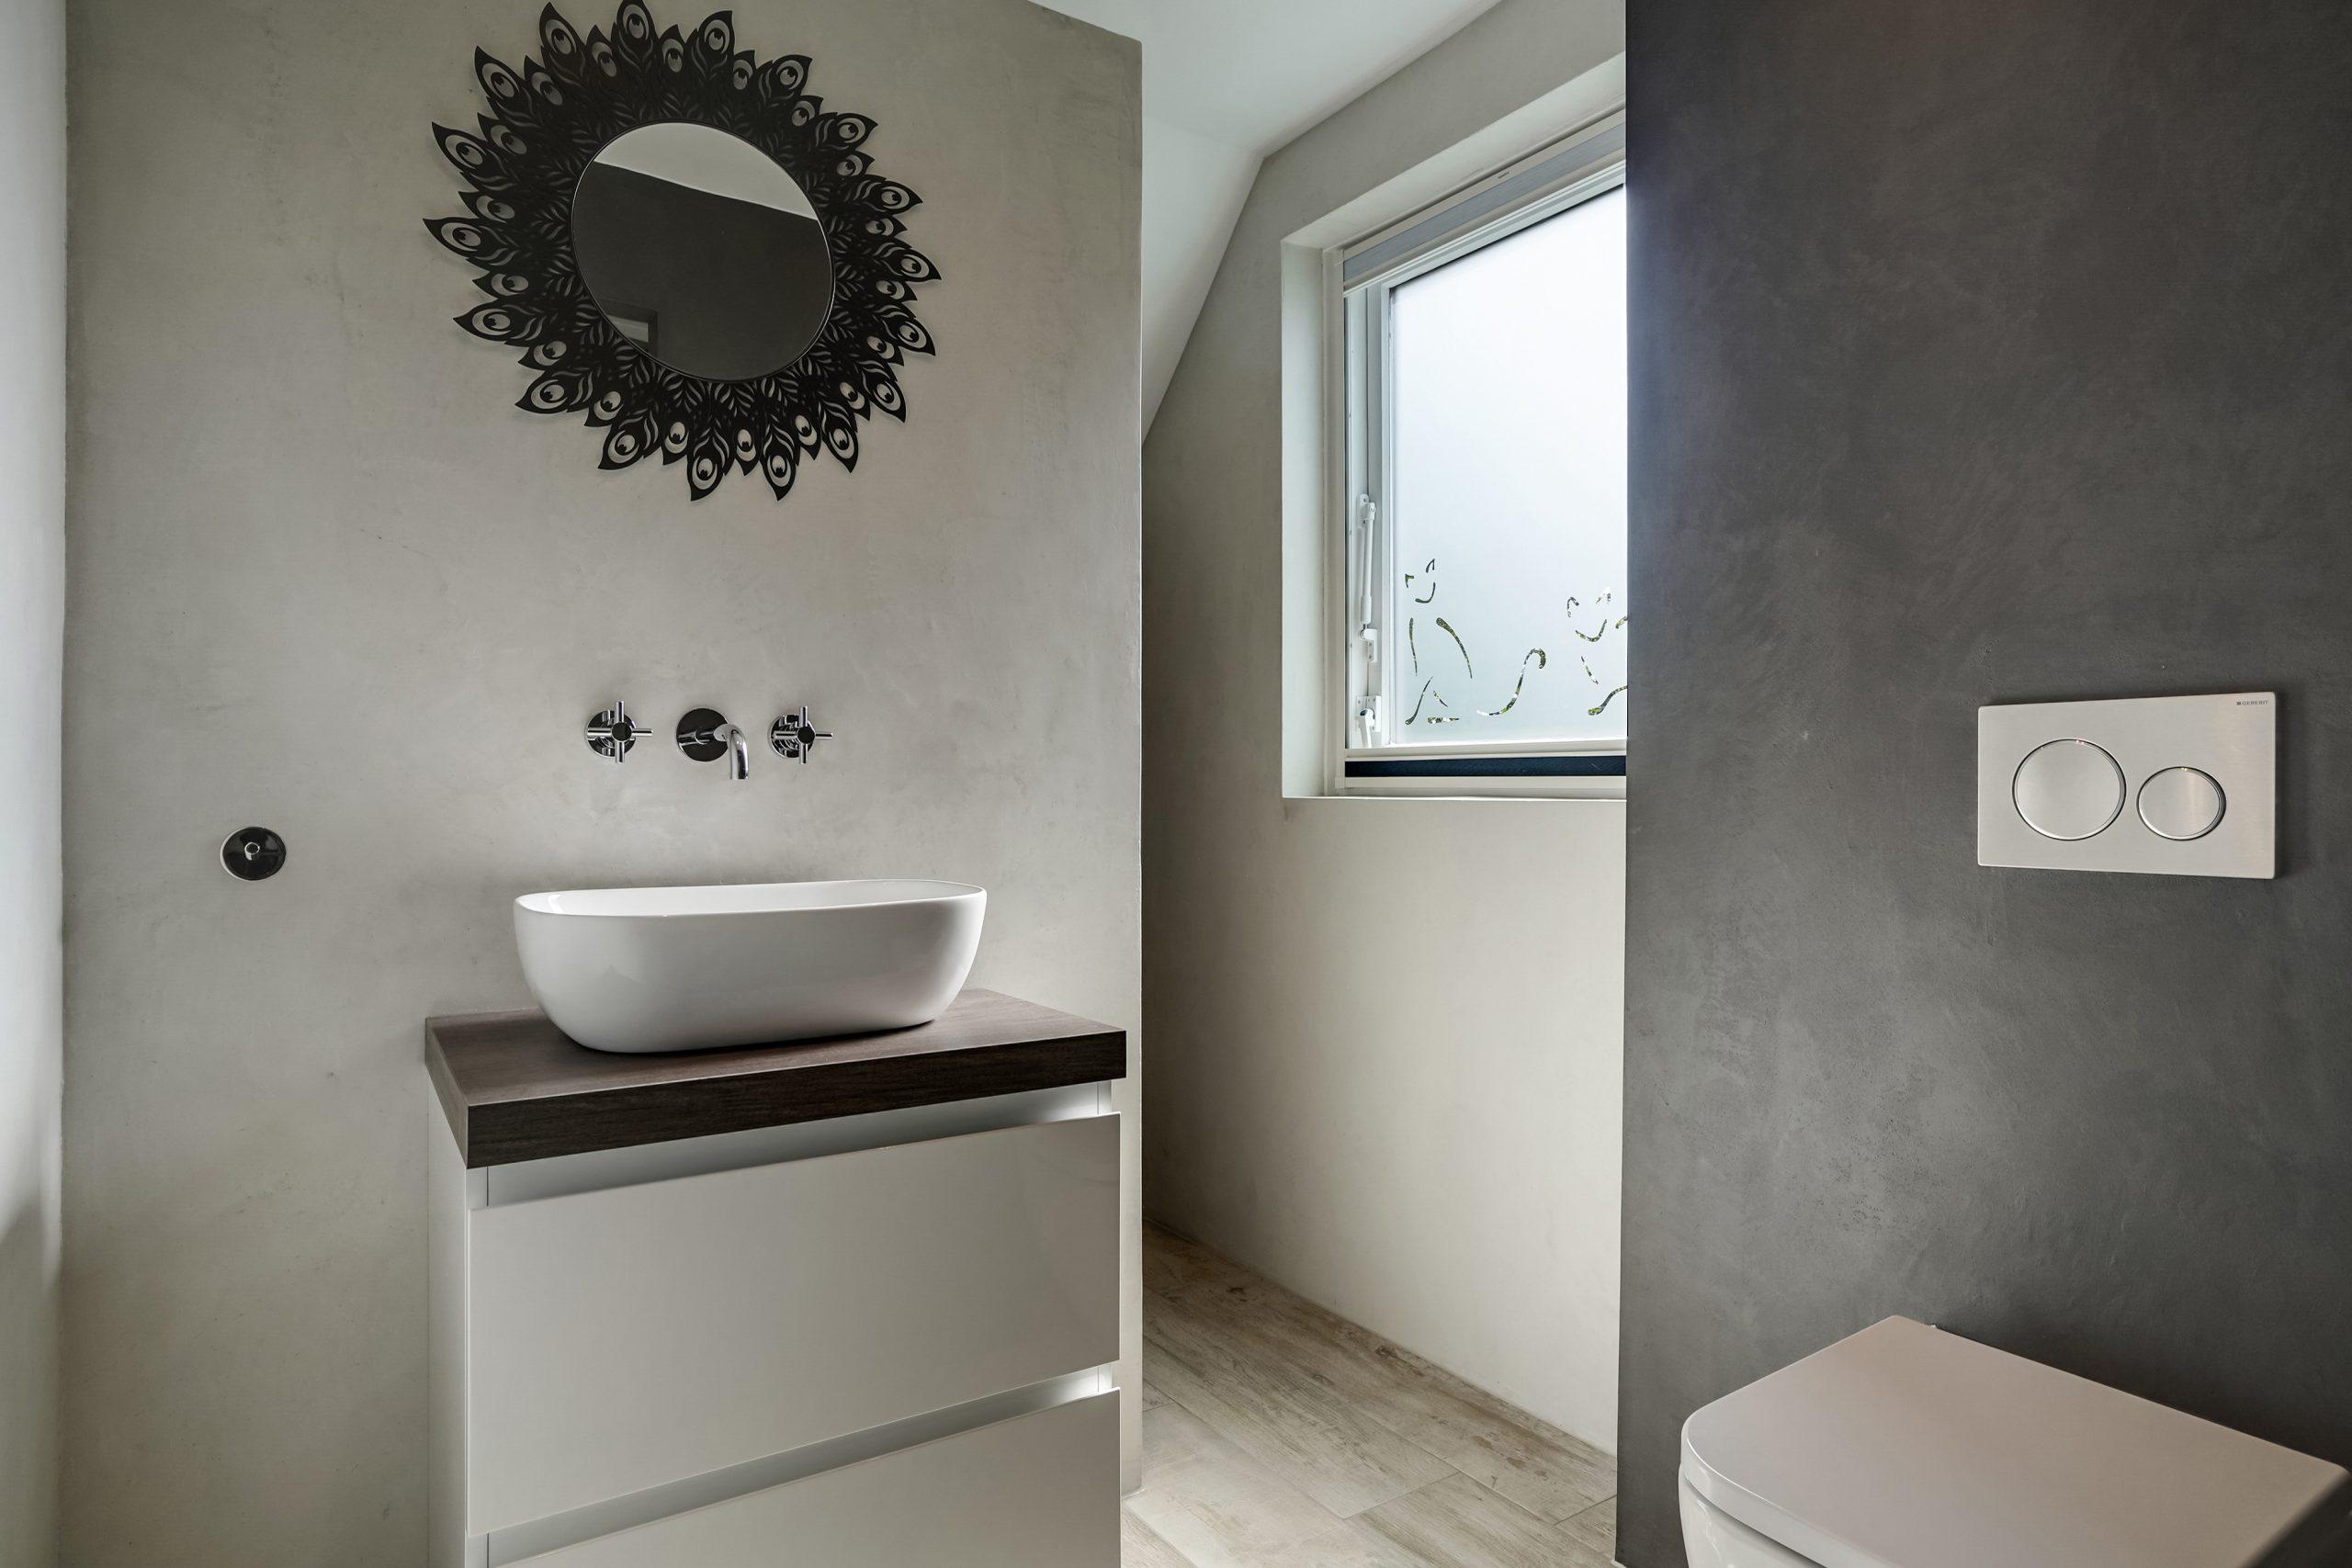 modernisering badkamer dongen